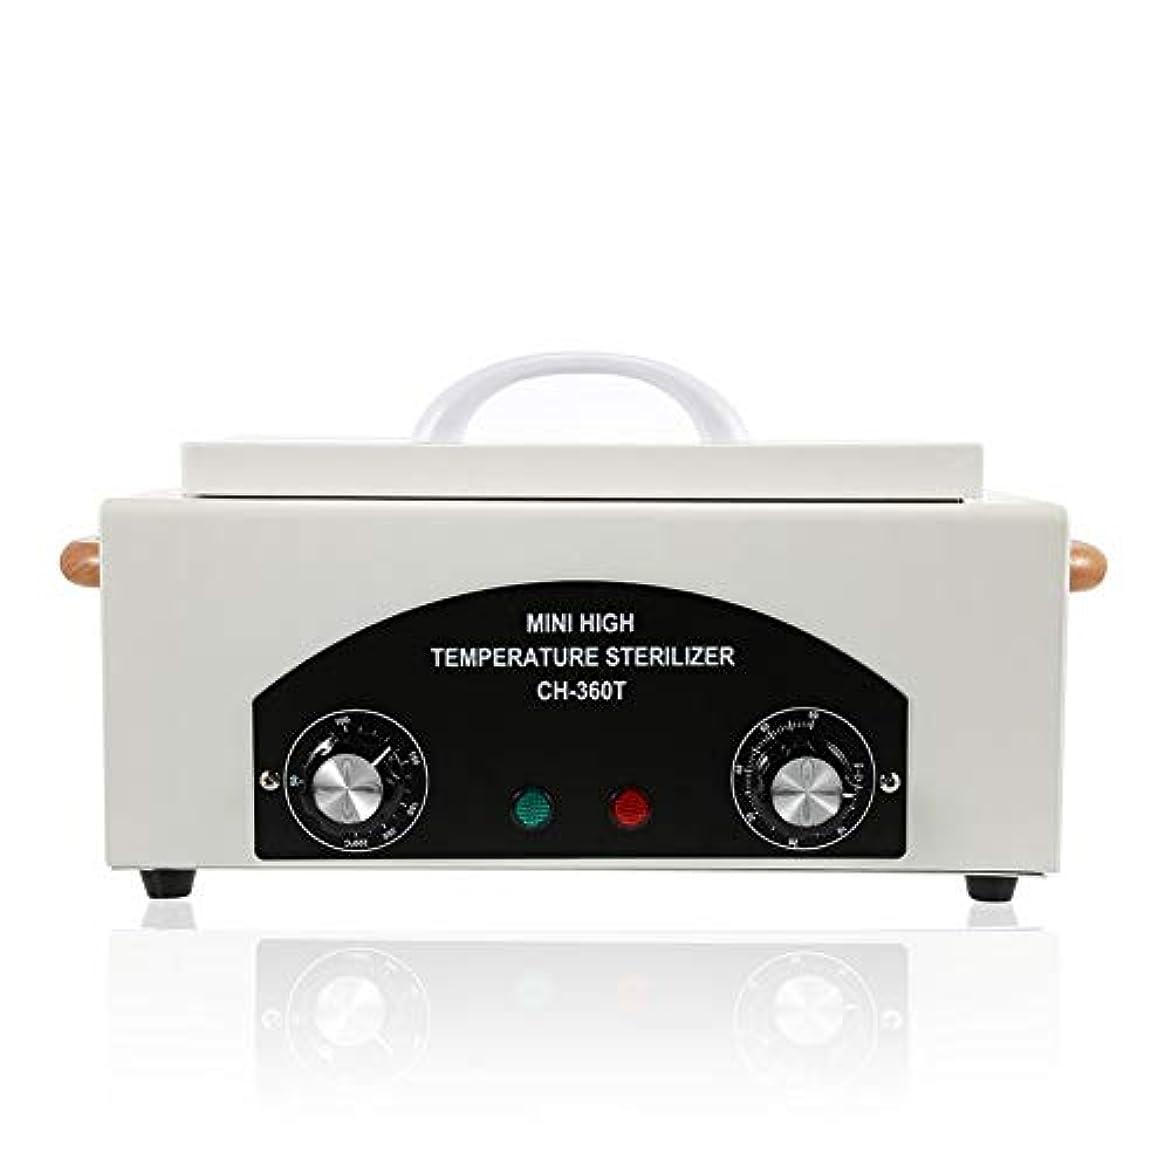 プロフェッショナル高温滅菌ボックスネイルアートサロンポータブル滅菌ツールマニキュアネイルツール乾熱滅菌器